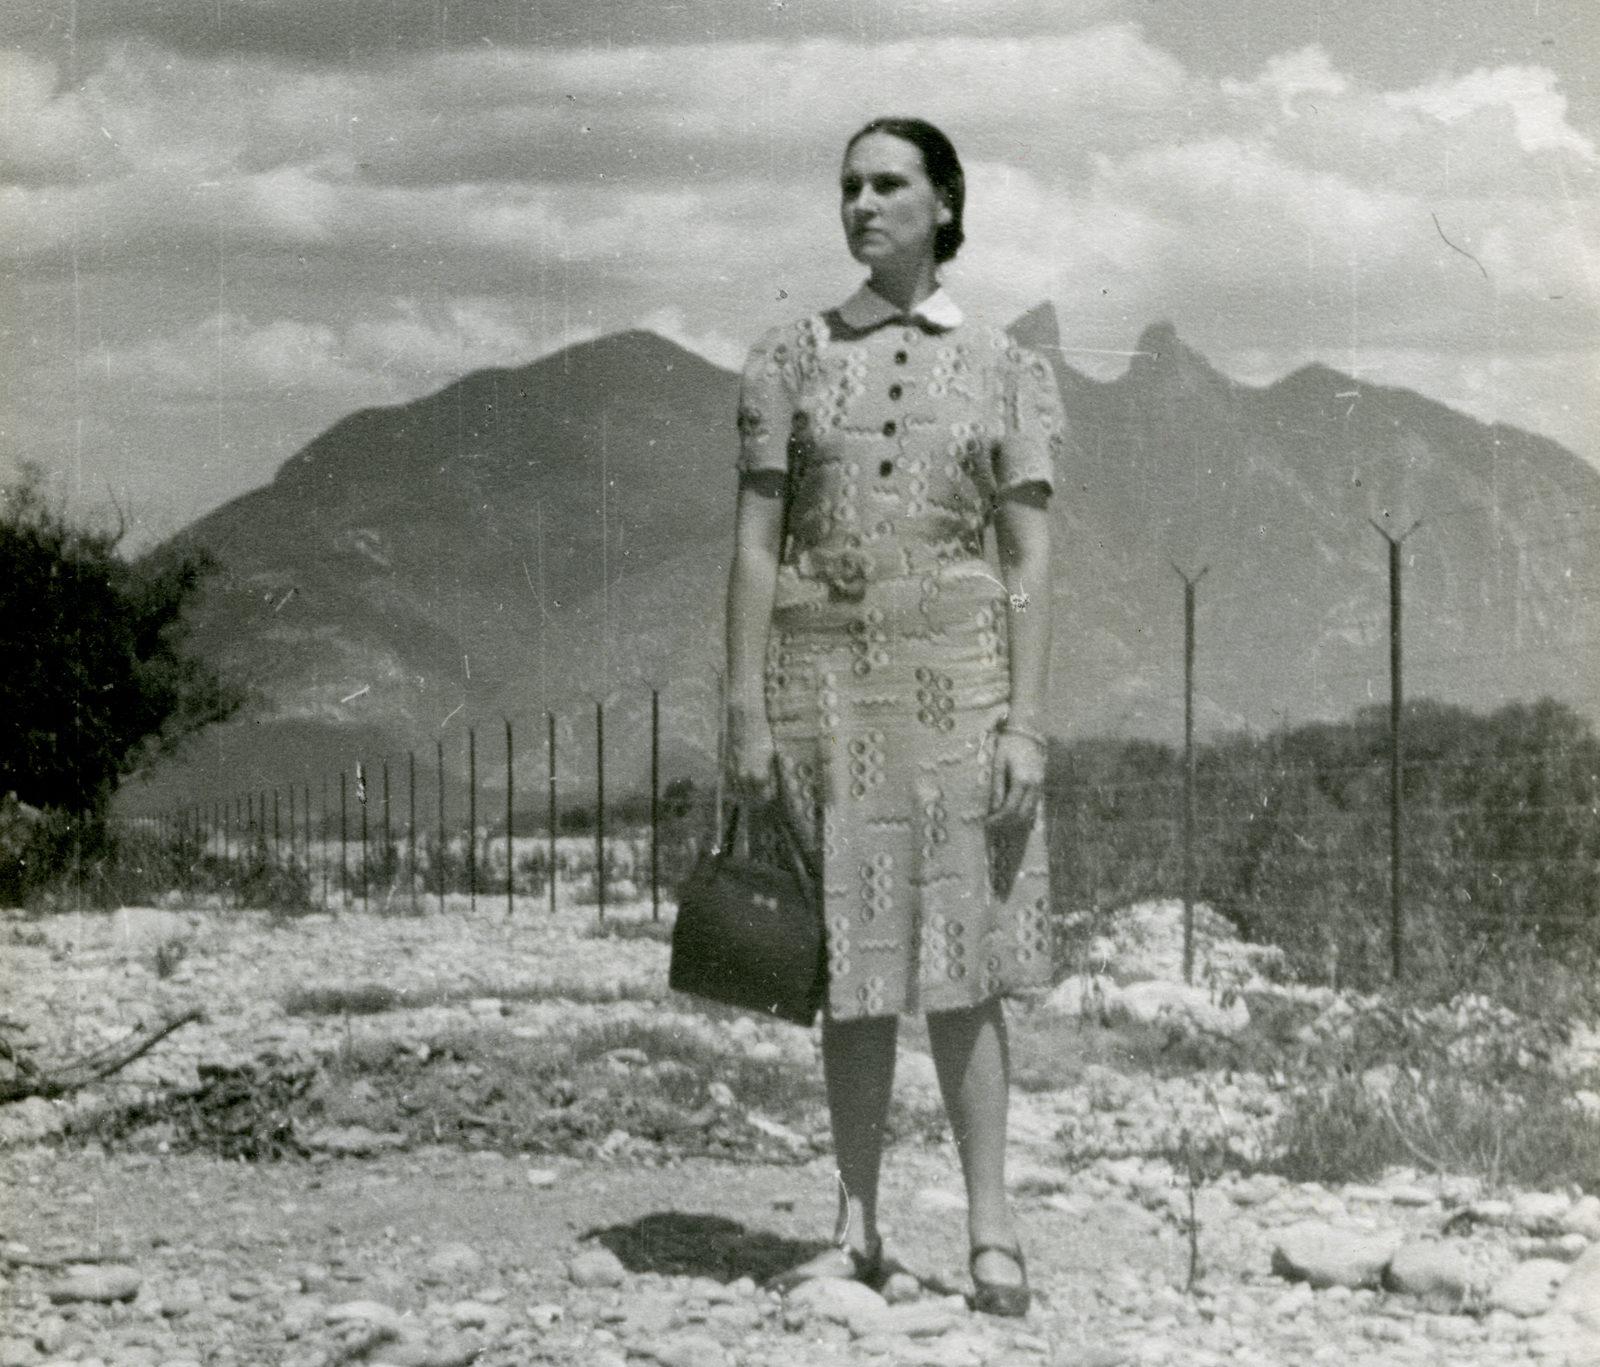 Carmen Herrera in front of the Cerro de la Silla in what is now downtown Monterrey, Mexico, en route to her honeymoon in Acapulco, 1939